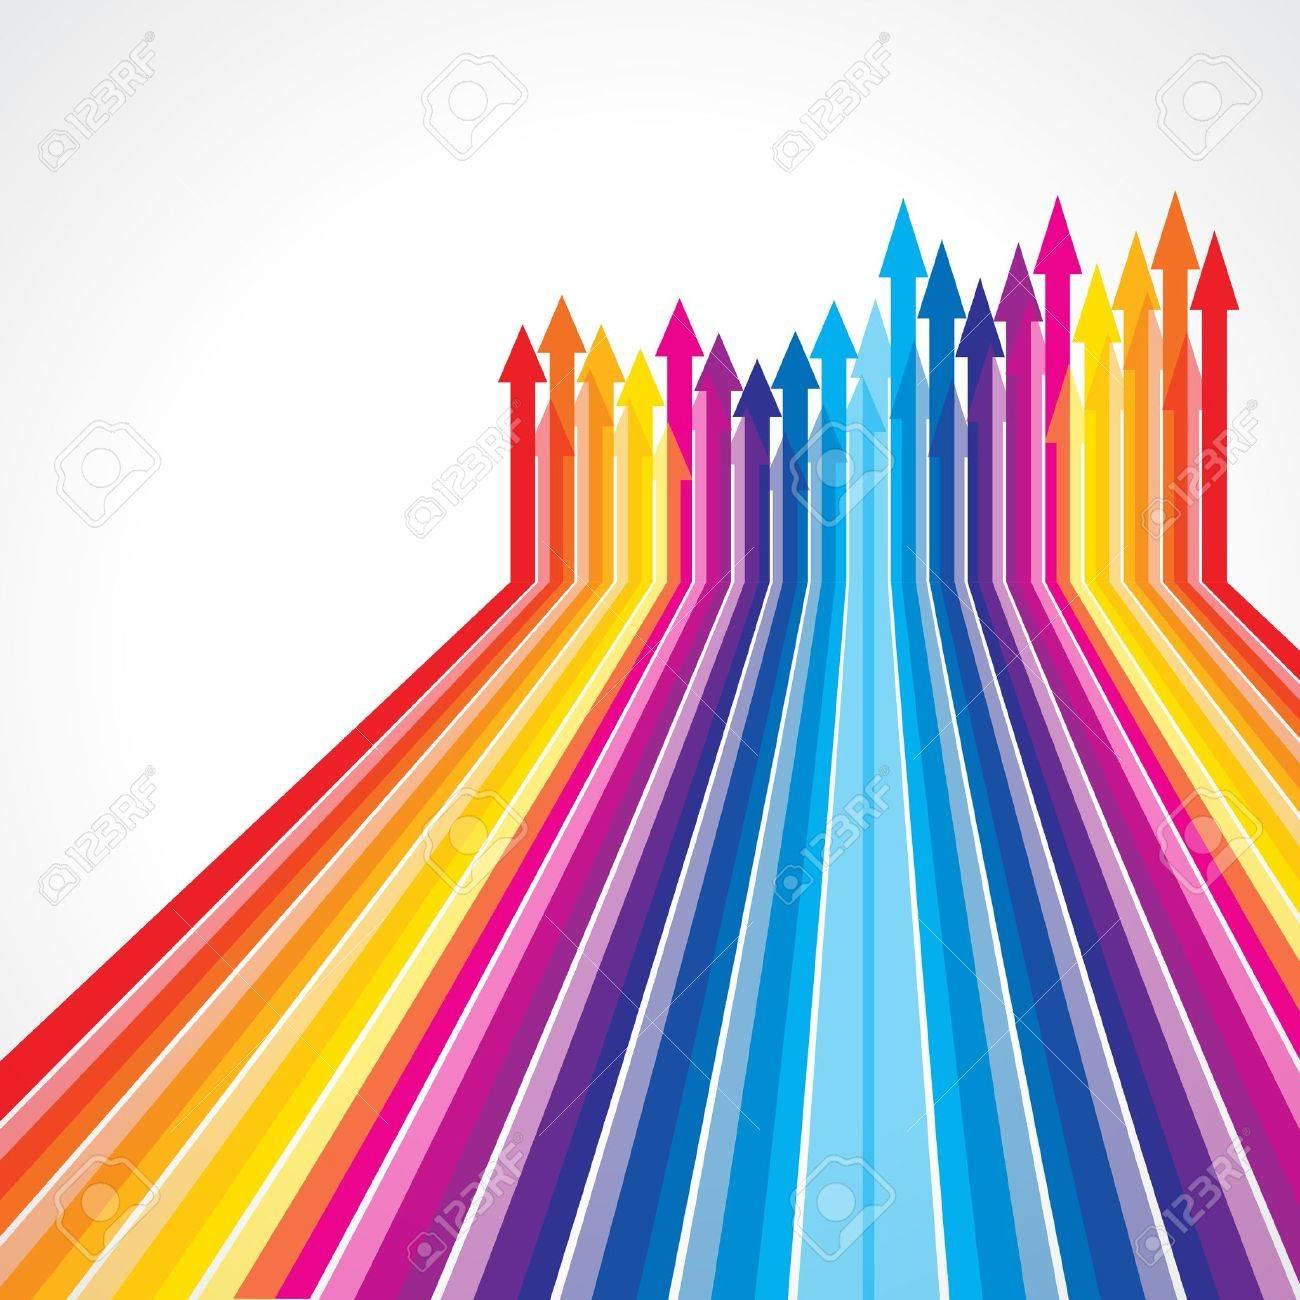 Colored arrows vector - 15639080